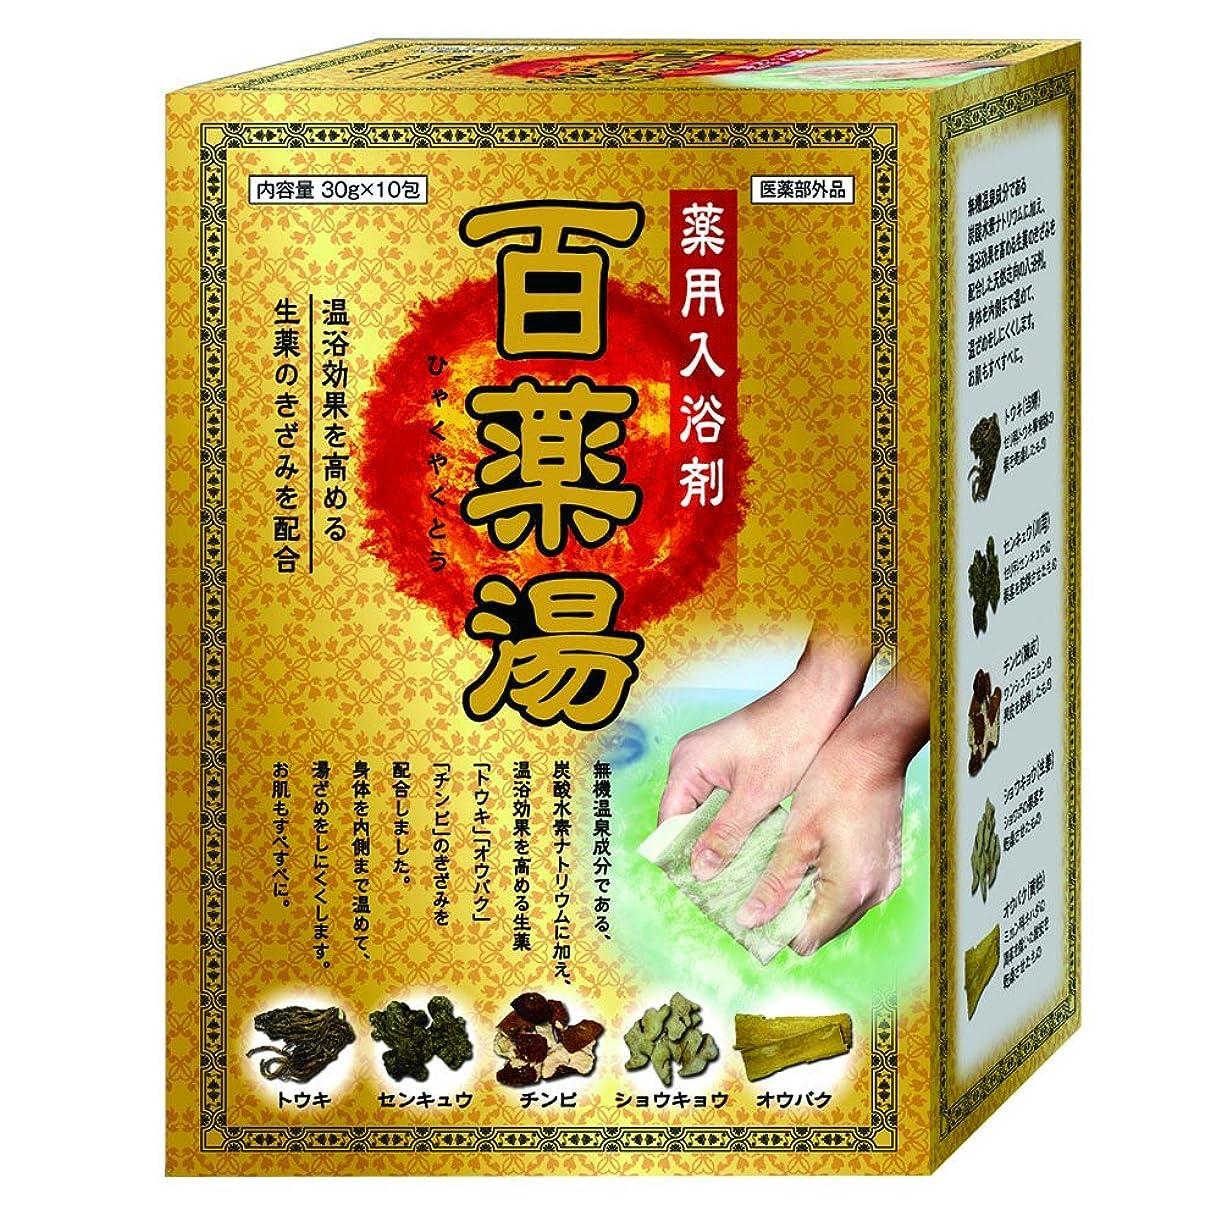 バックアップ砂ワーム百薬湯 薬用入浴剤 温浴効果を高める生薬のきざみを配合 30g×10包 (医薬部外品)